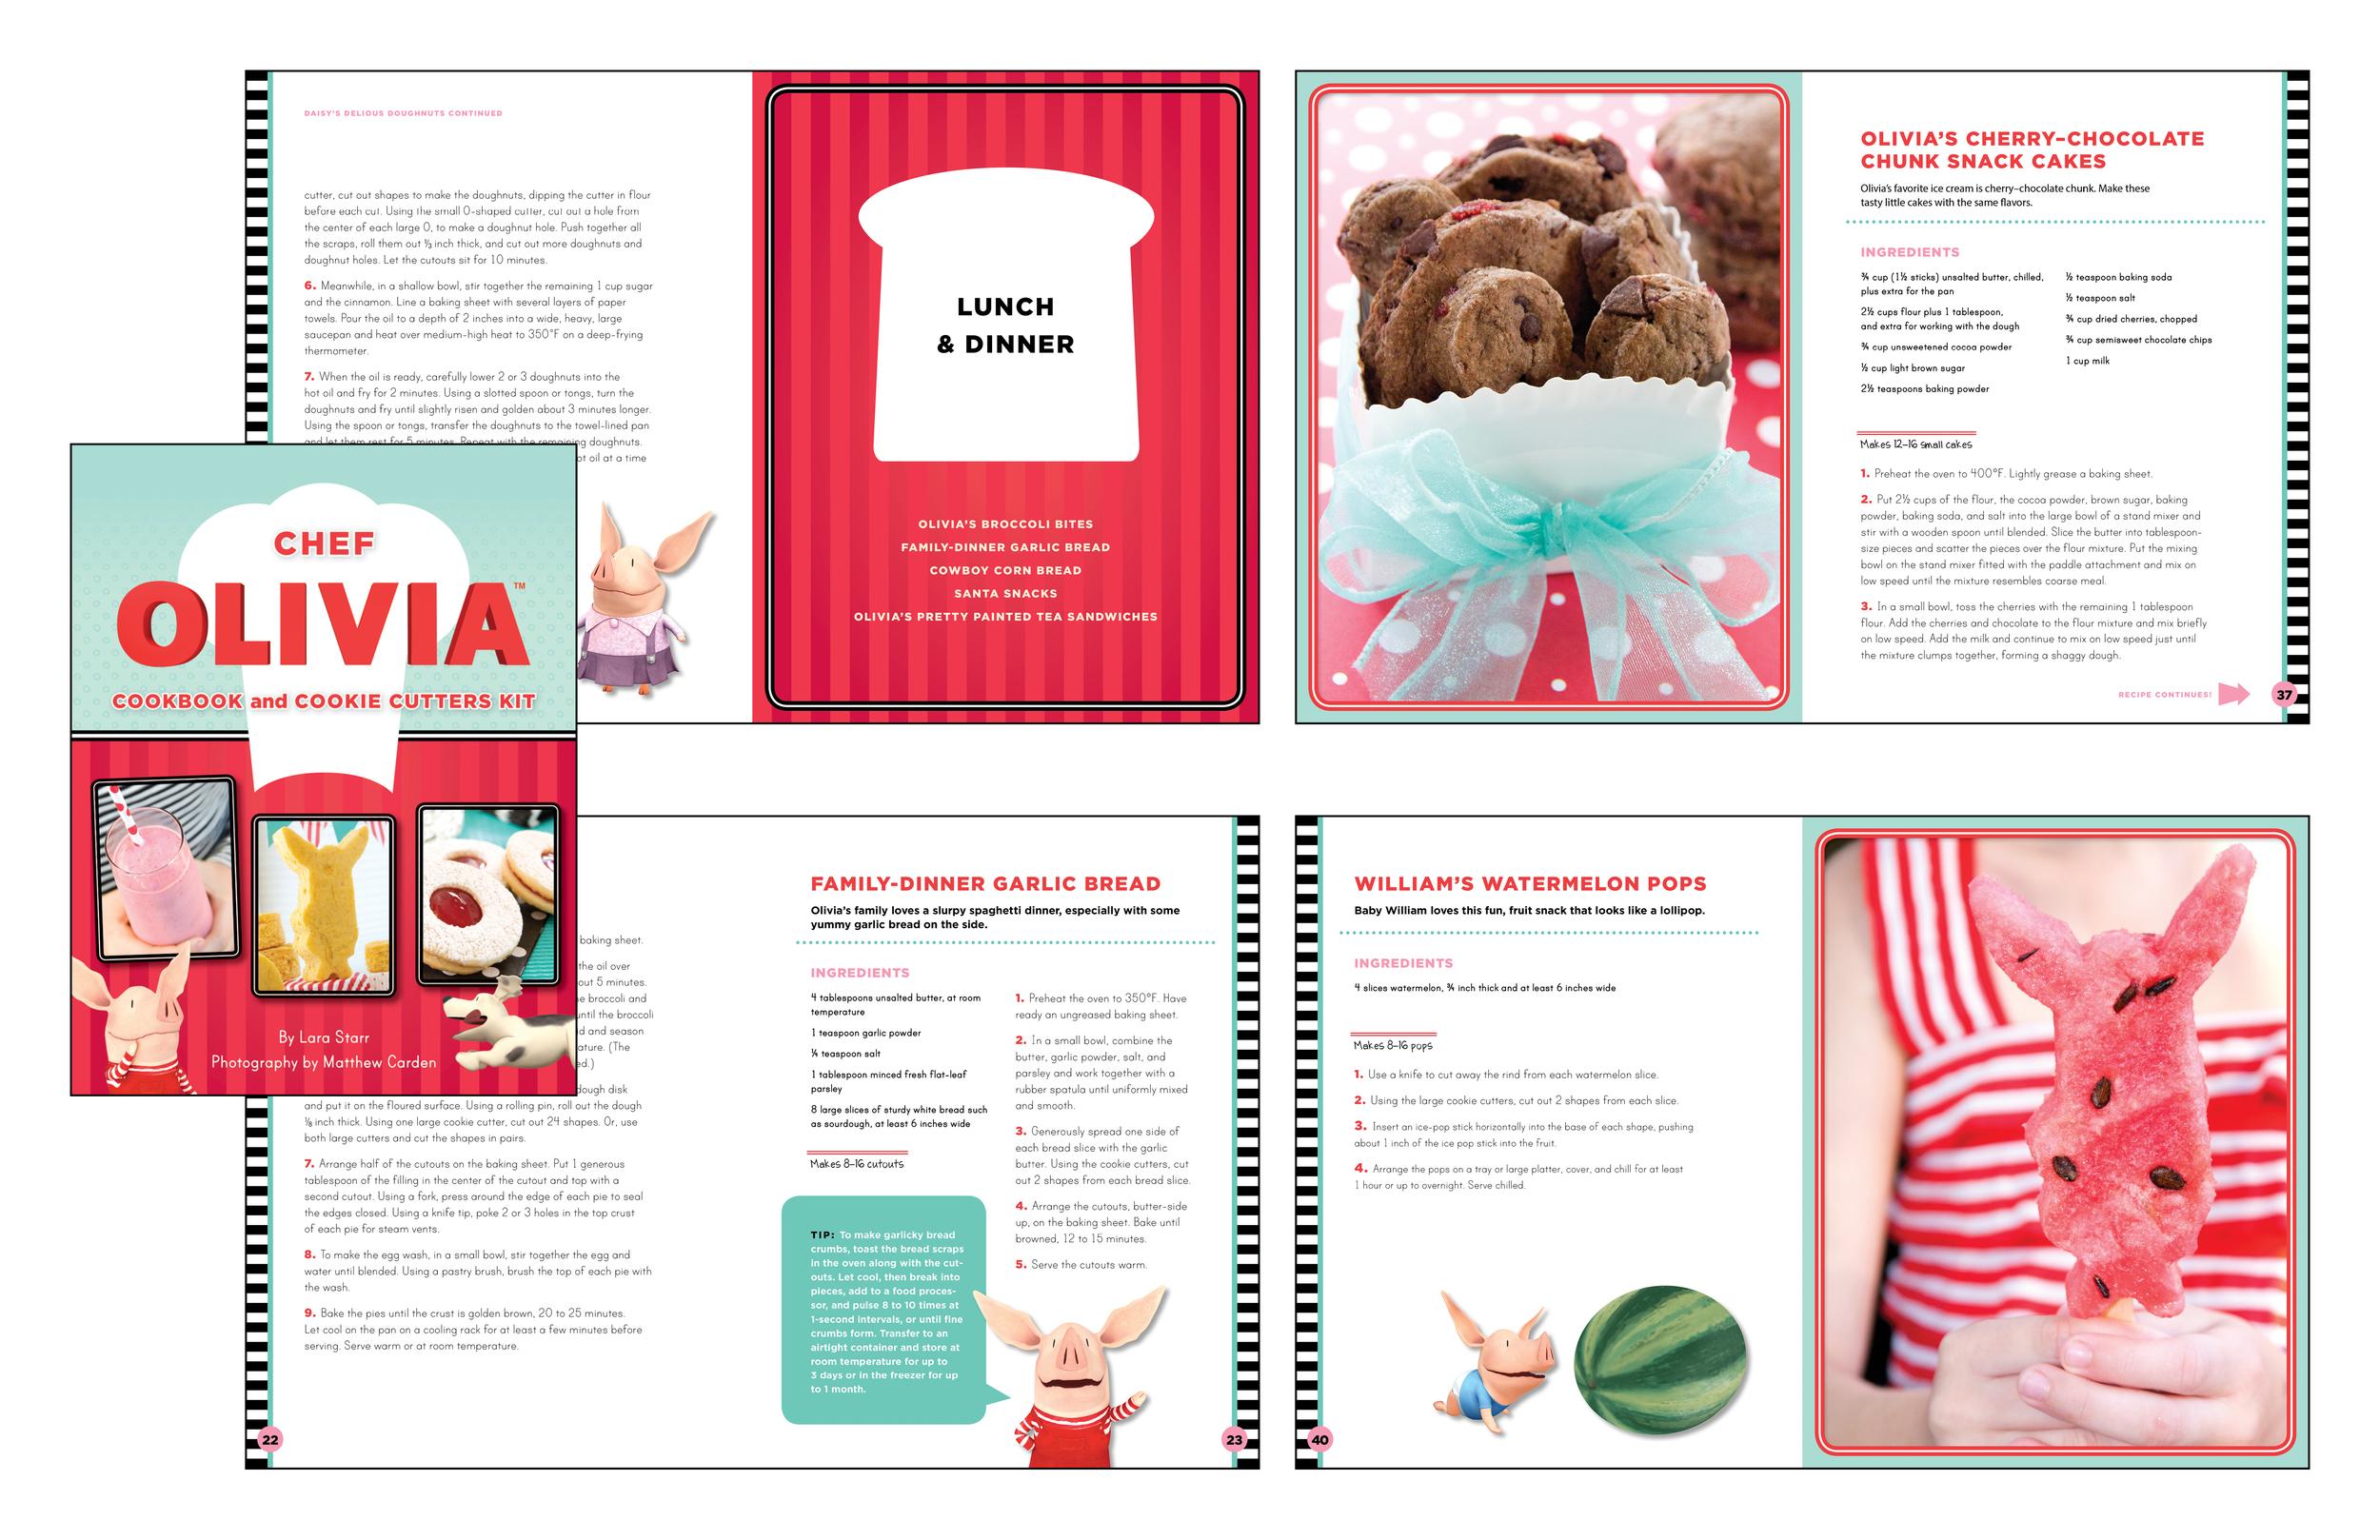 olivia_cookbook-layout.jpg